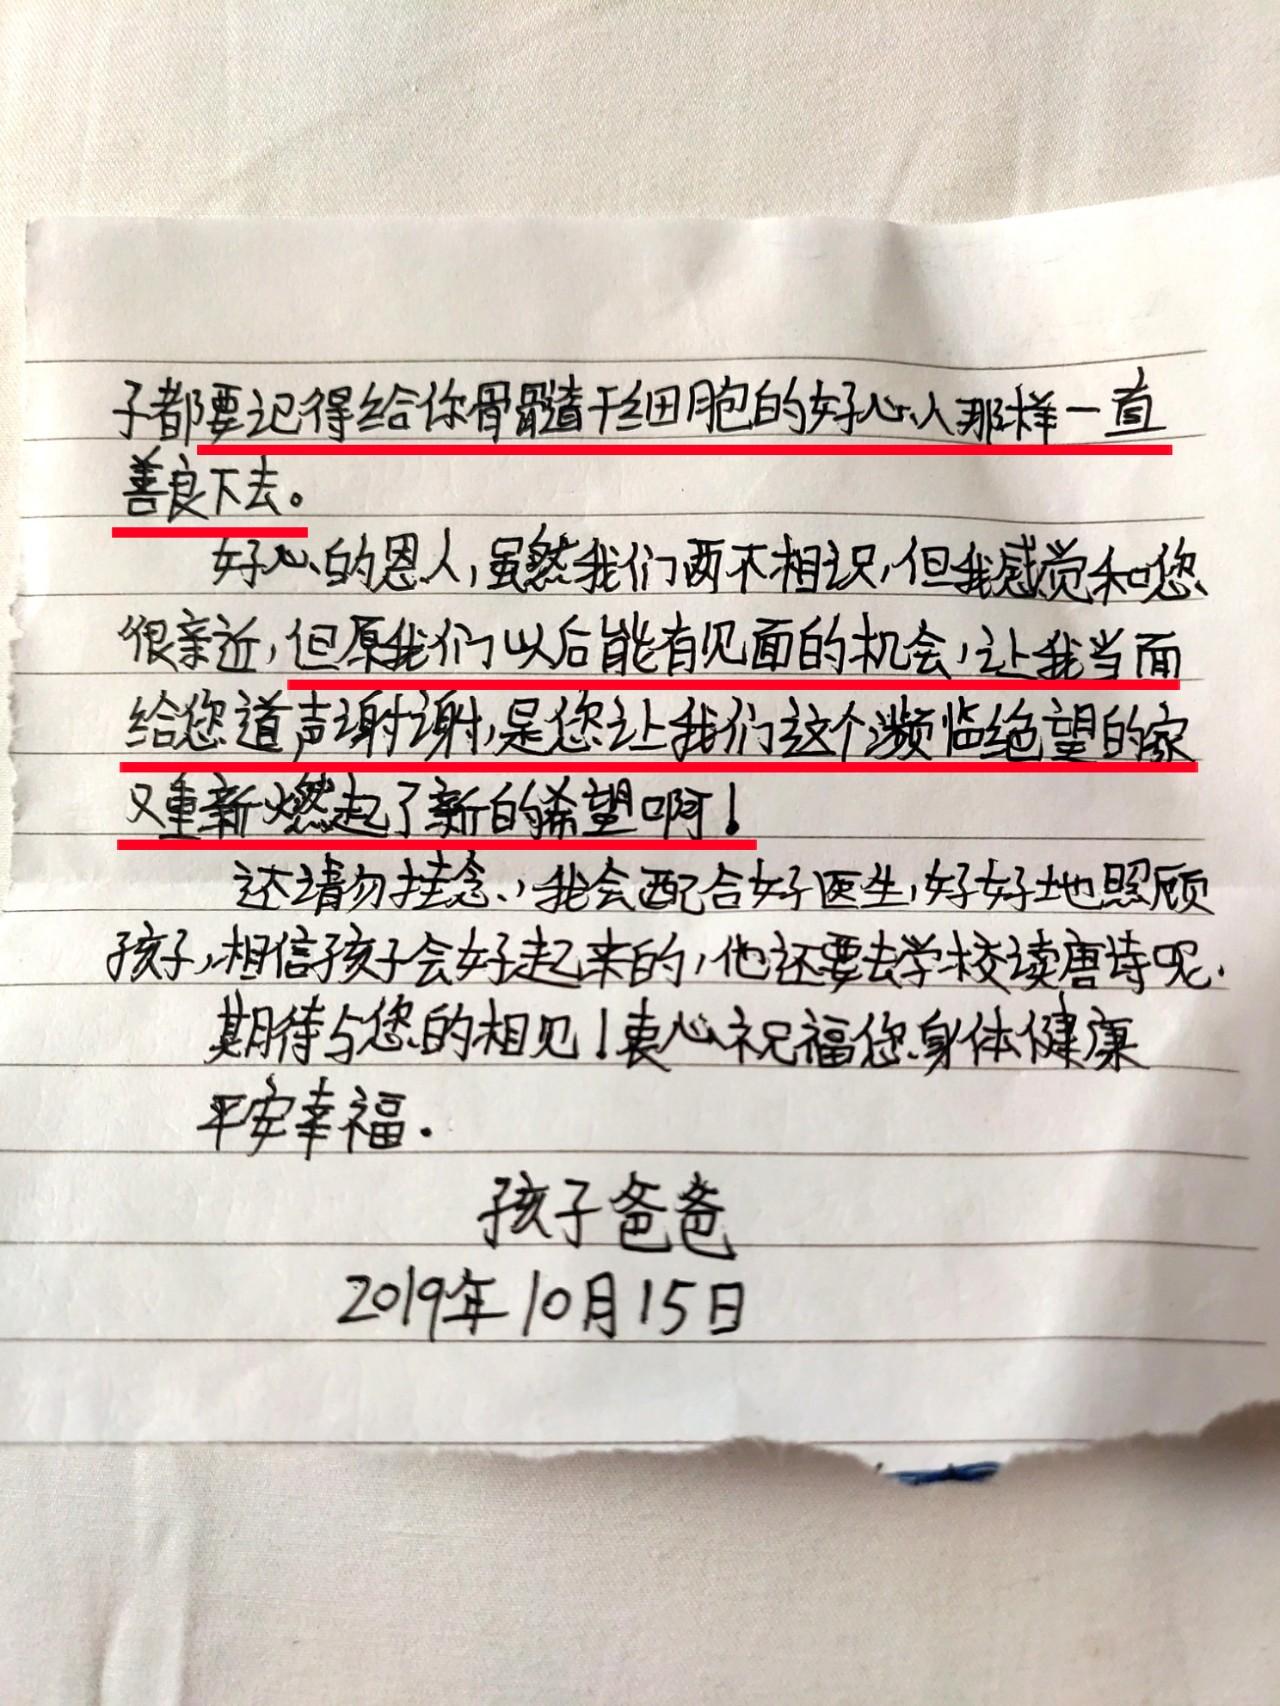 「博彩论坛申请体现金」如果刘备采用庞统的上计闪击成都下计退守白帝 他能一统三国吗?